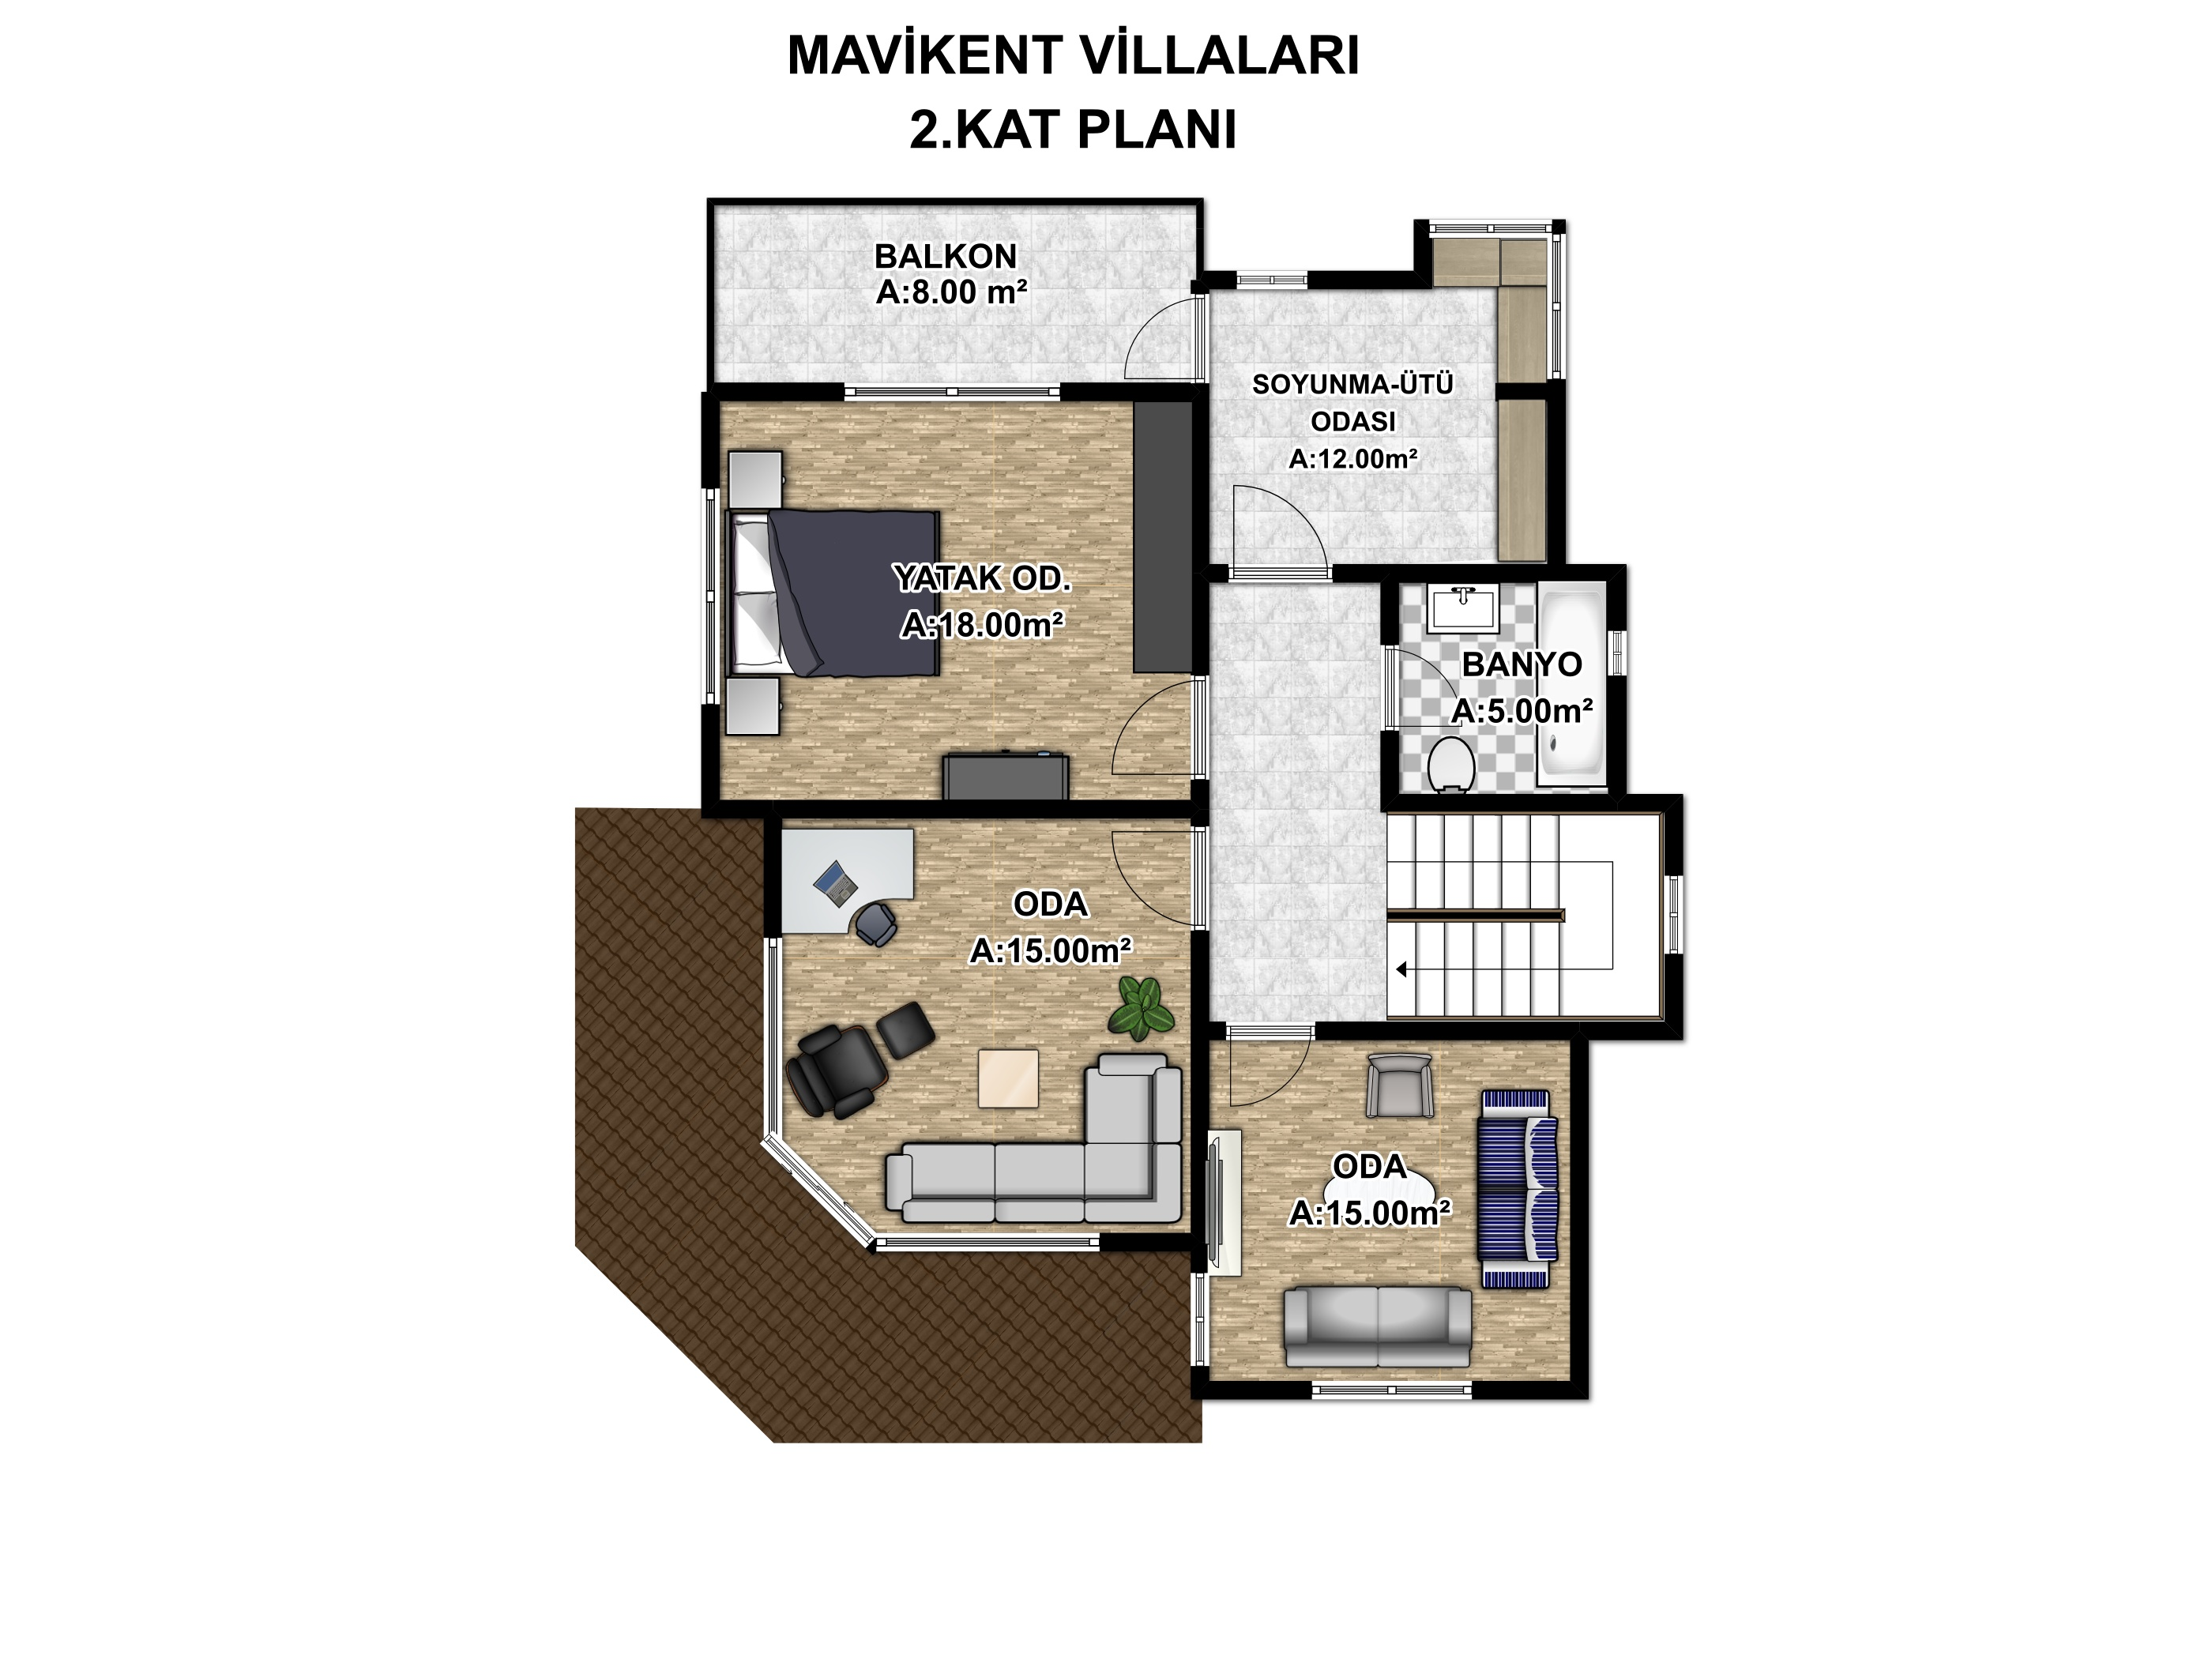 mavikent-villa-2